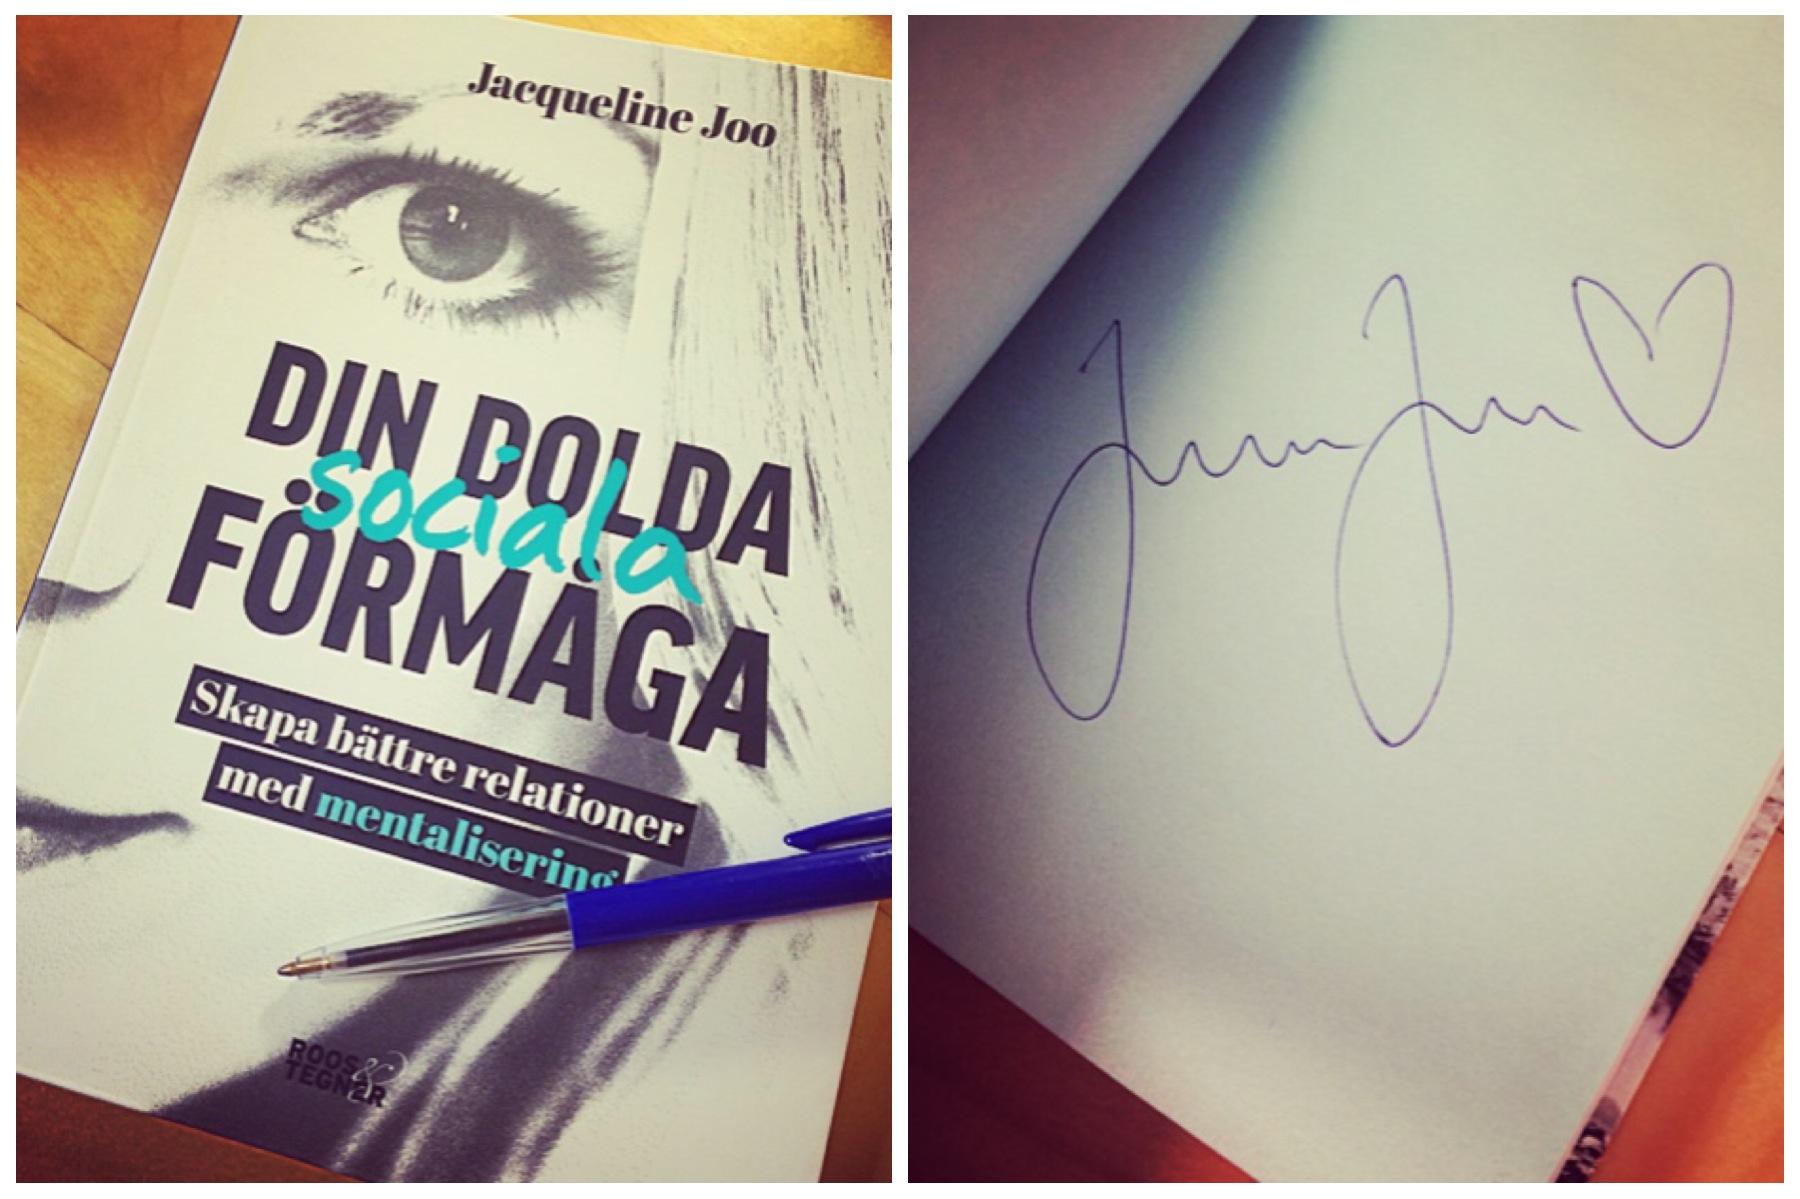 dindoldasocialaformaga_signerad